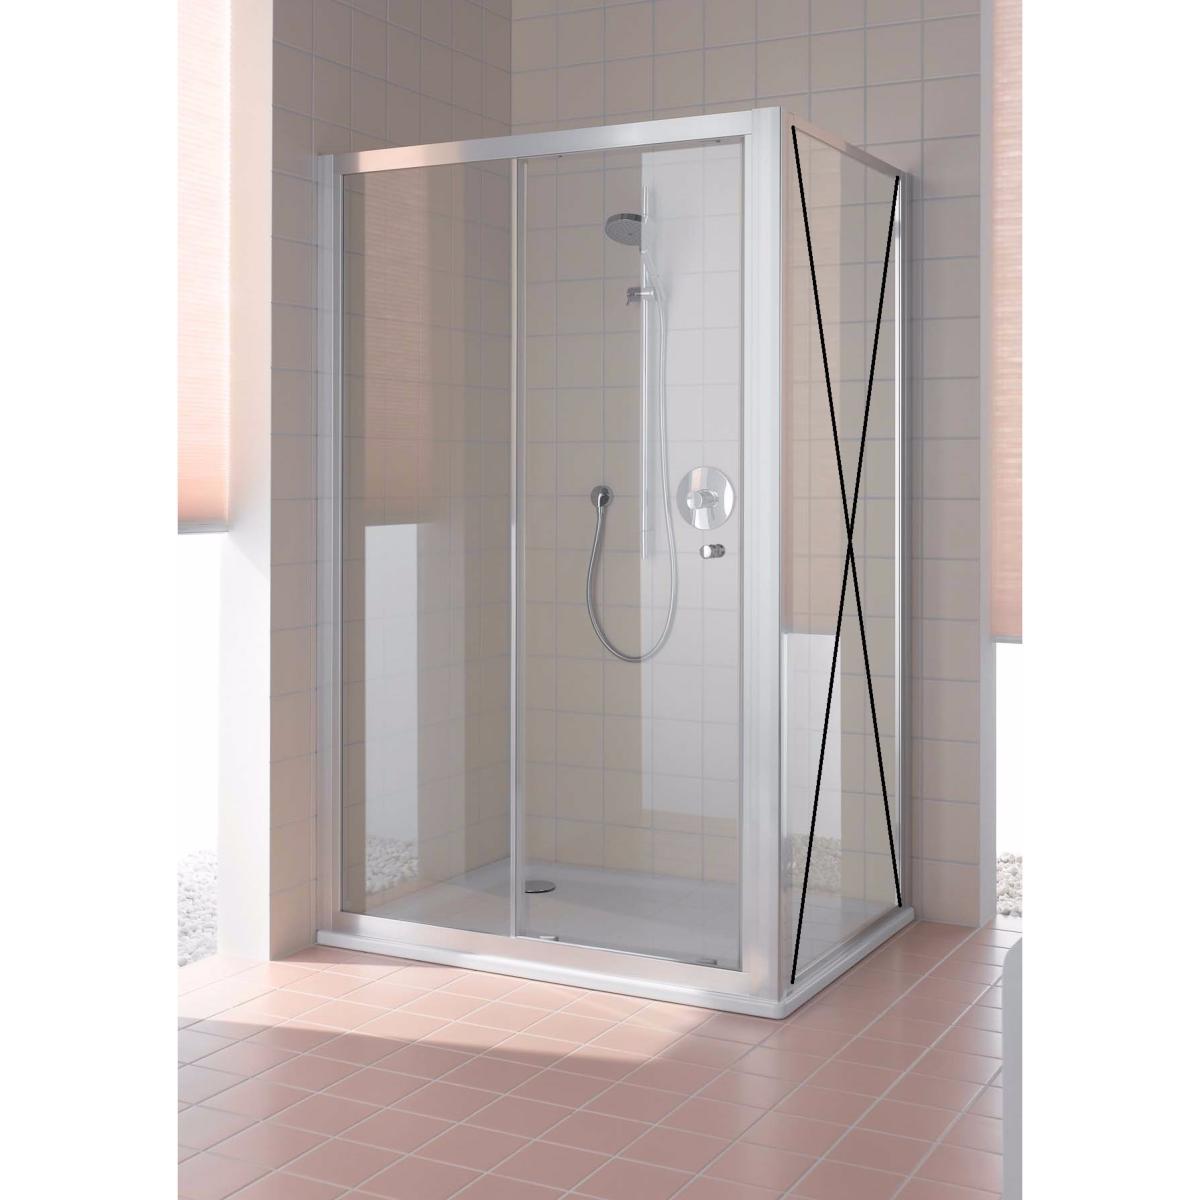 Paroi de douche 1 porte coulissante grande largeur for Portes coulissantes grande largeur